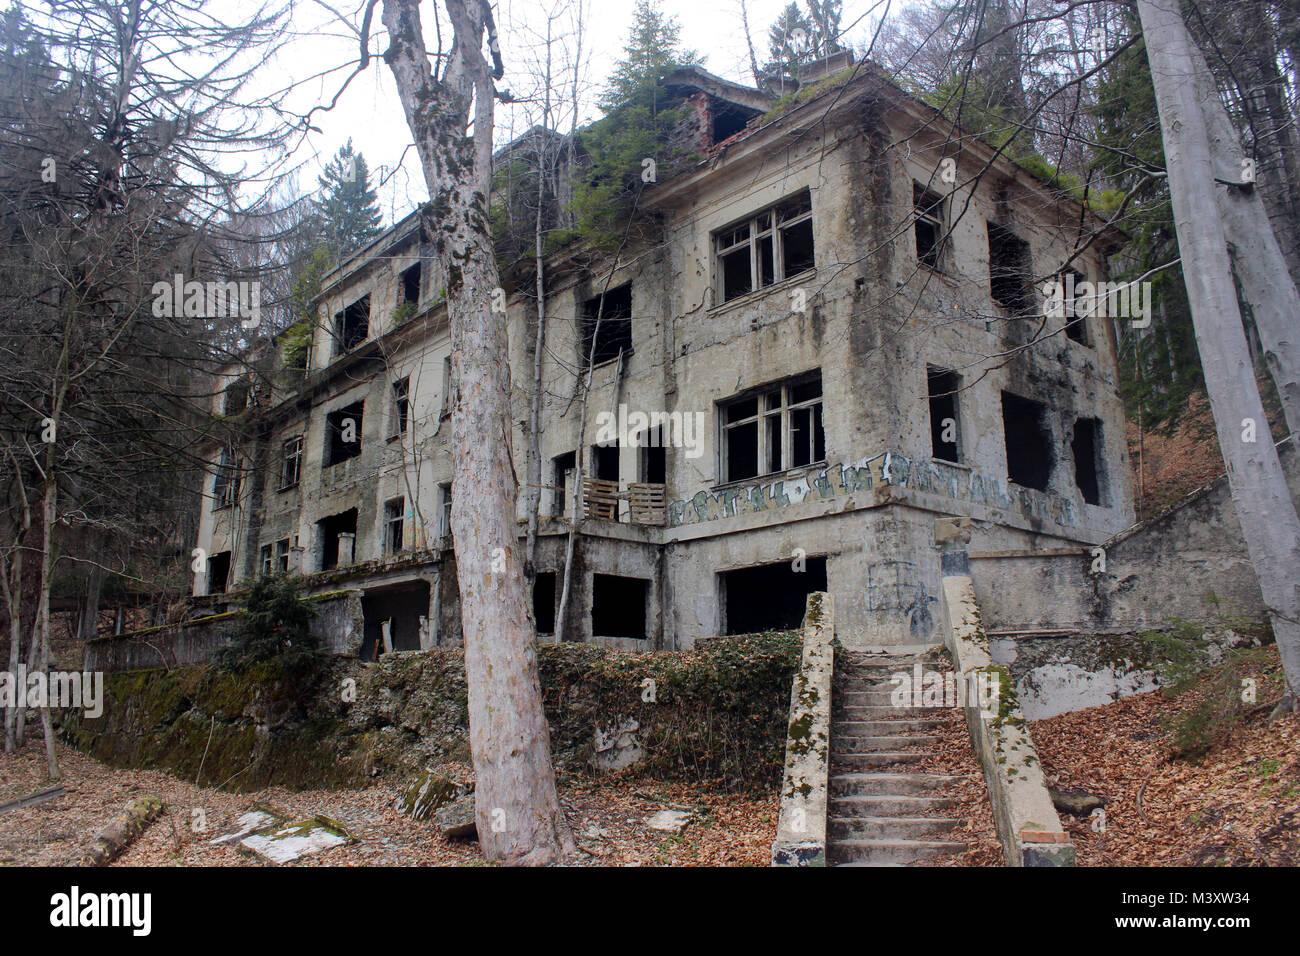 Abandoned Old Sanatorium Stock Photo Alamy